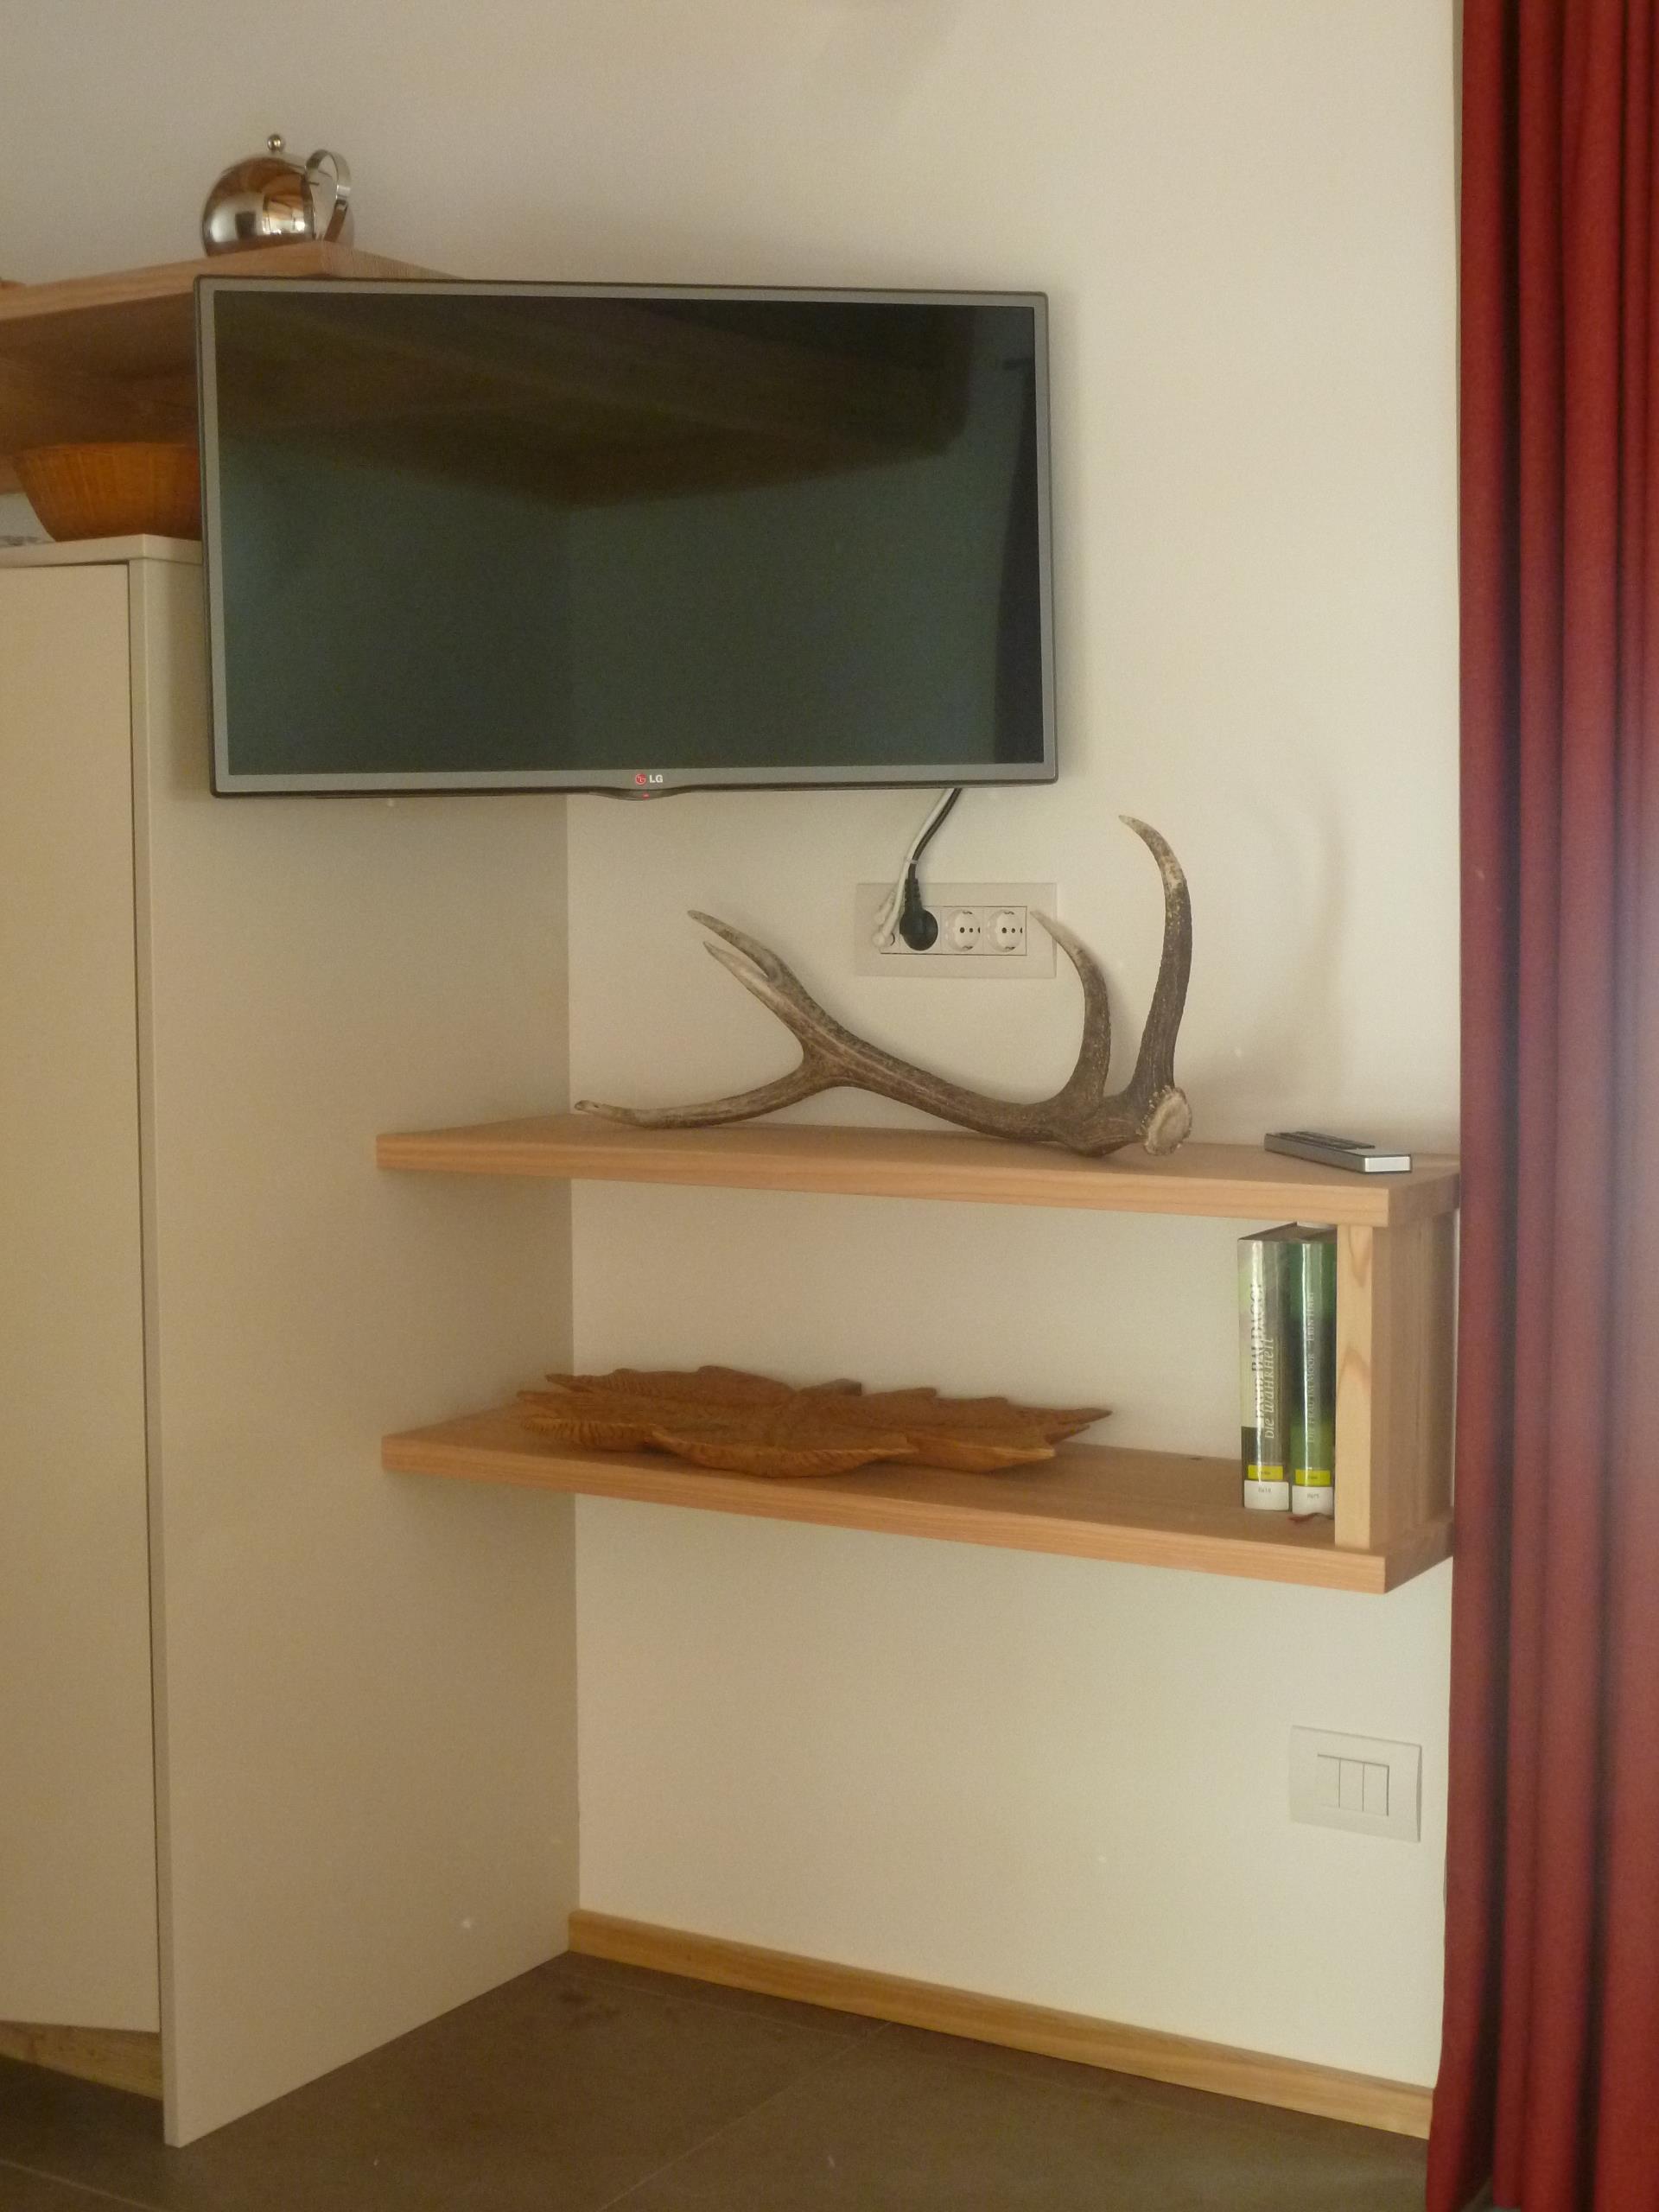 appartamento Karin - TV a schermo piatto